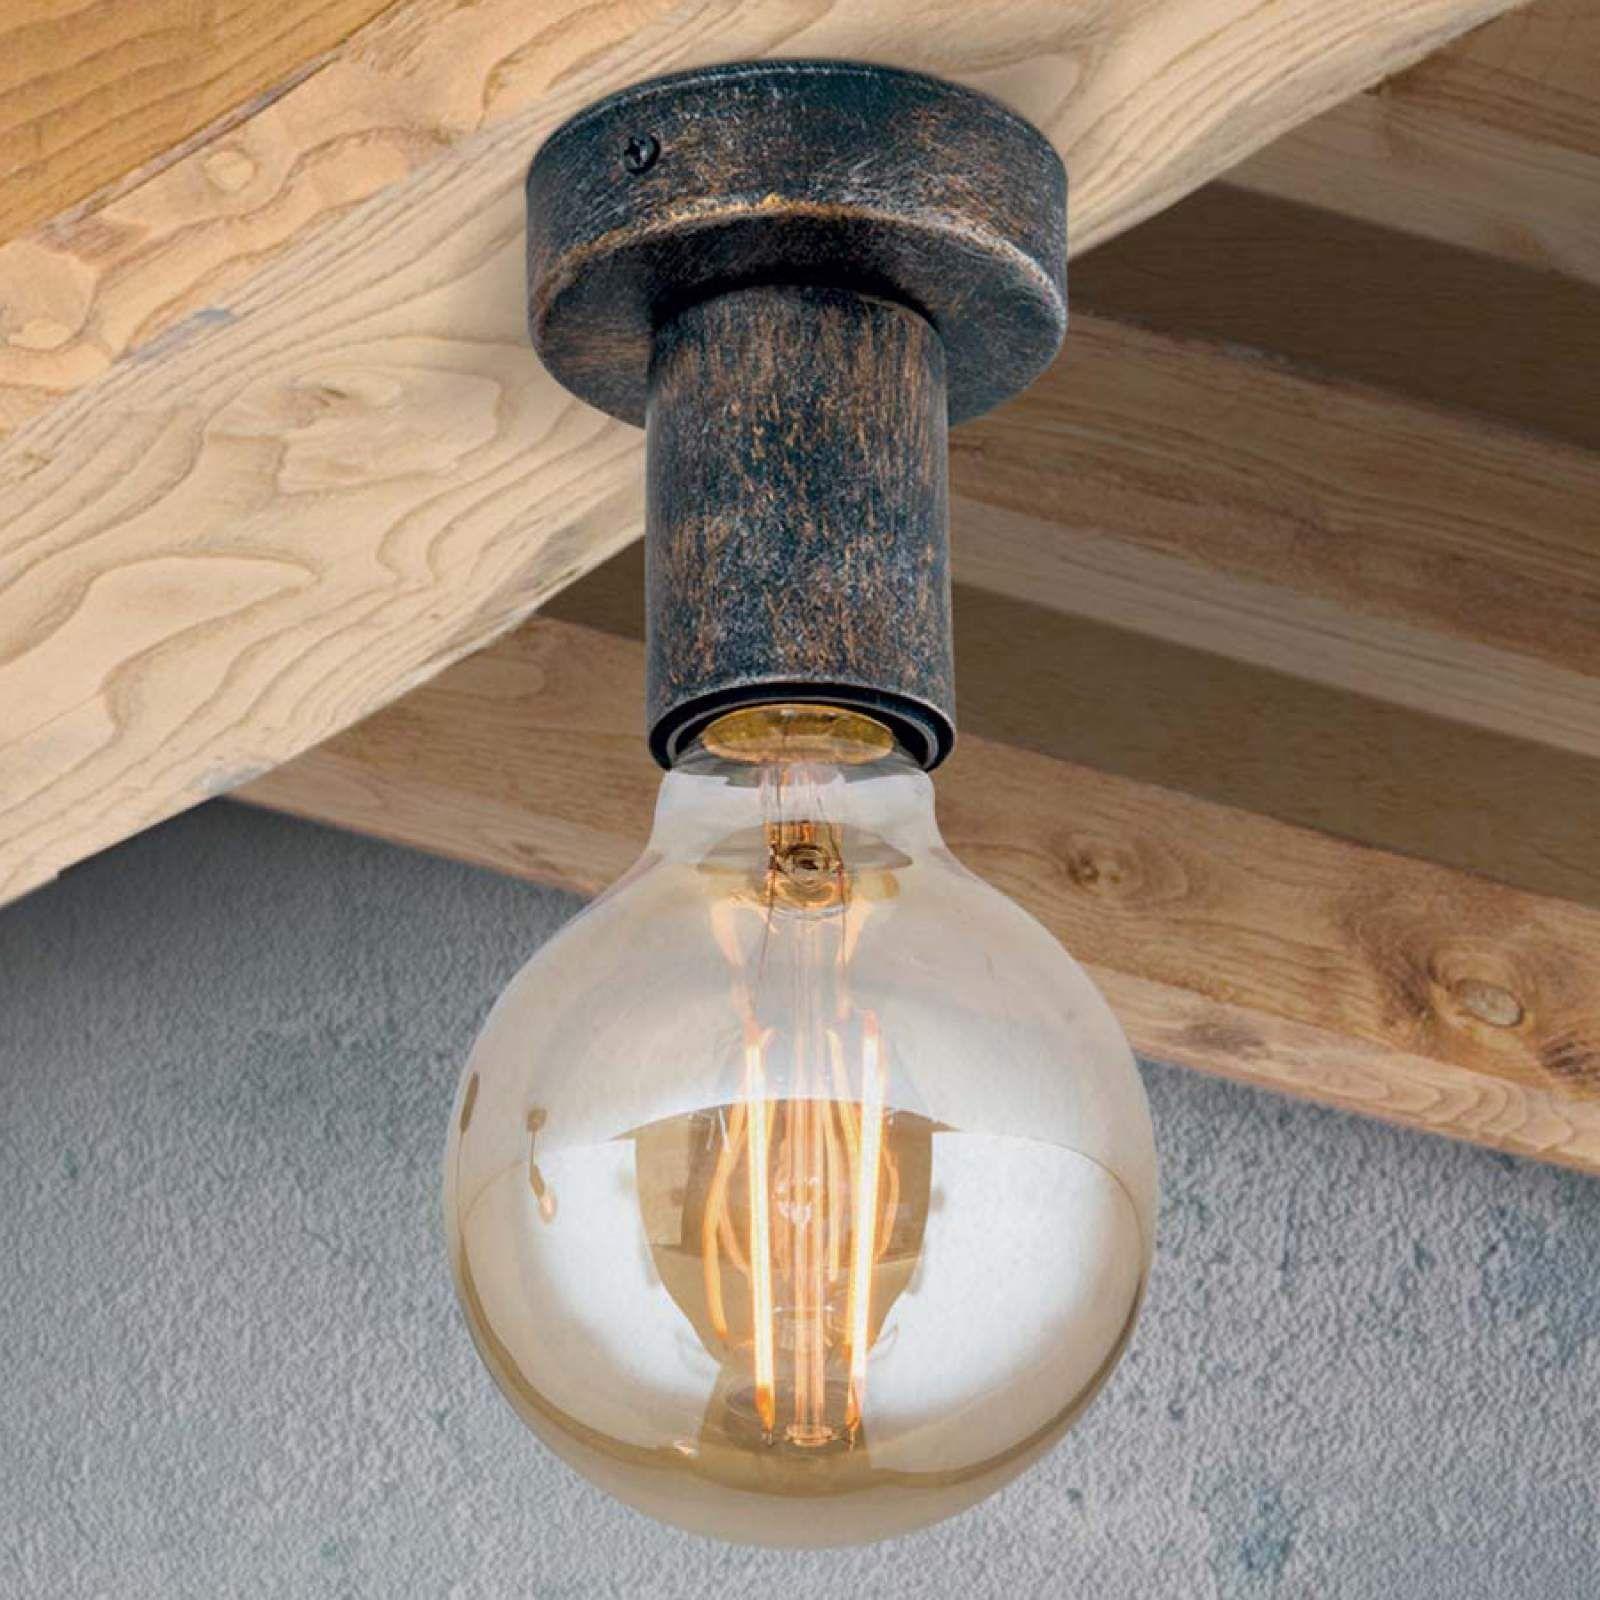 Vintage Deckenleuchte Rati Von Orion Braun Lampen Deckenlampe Antik Und Vintage Lampen